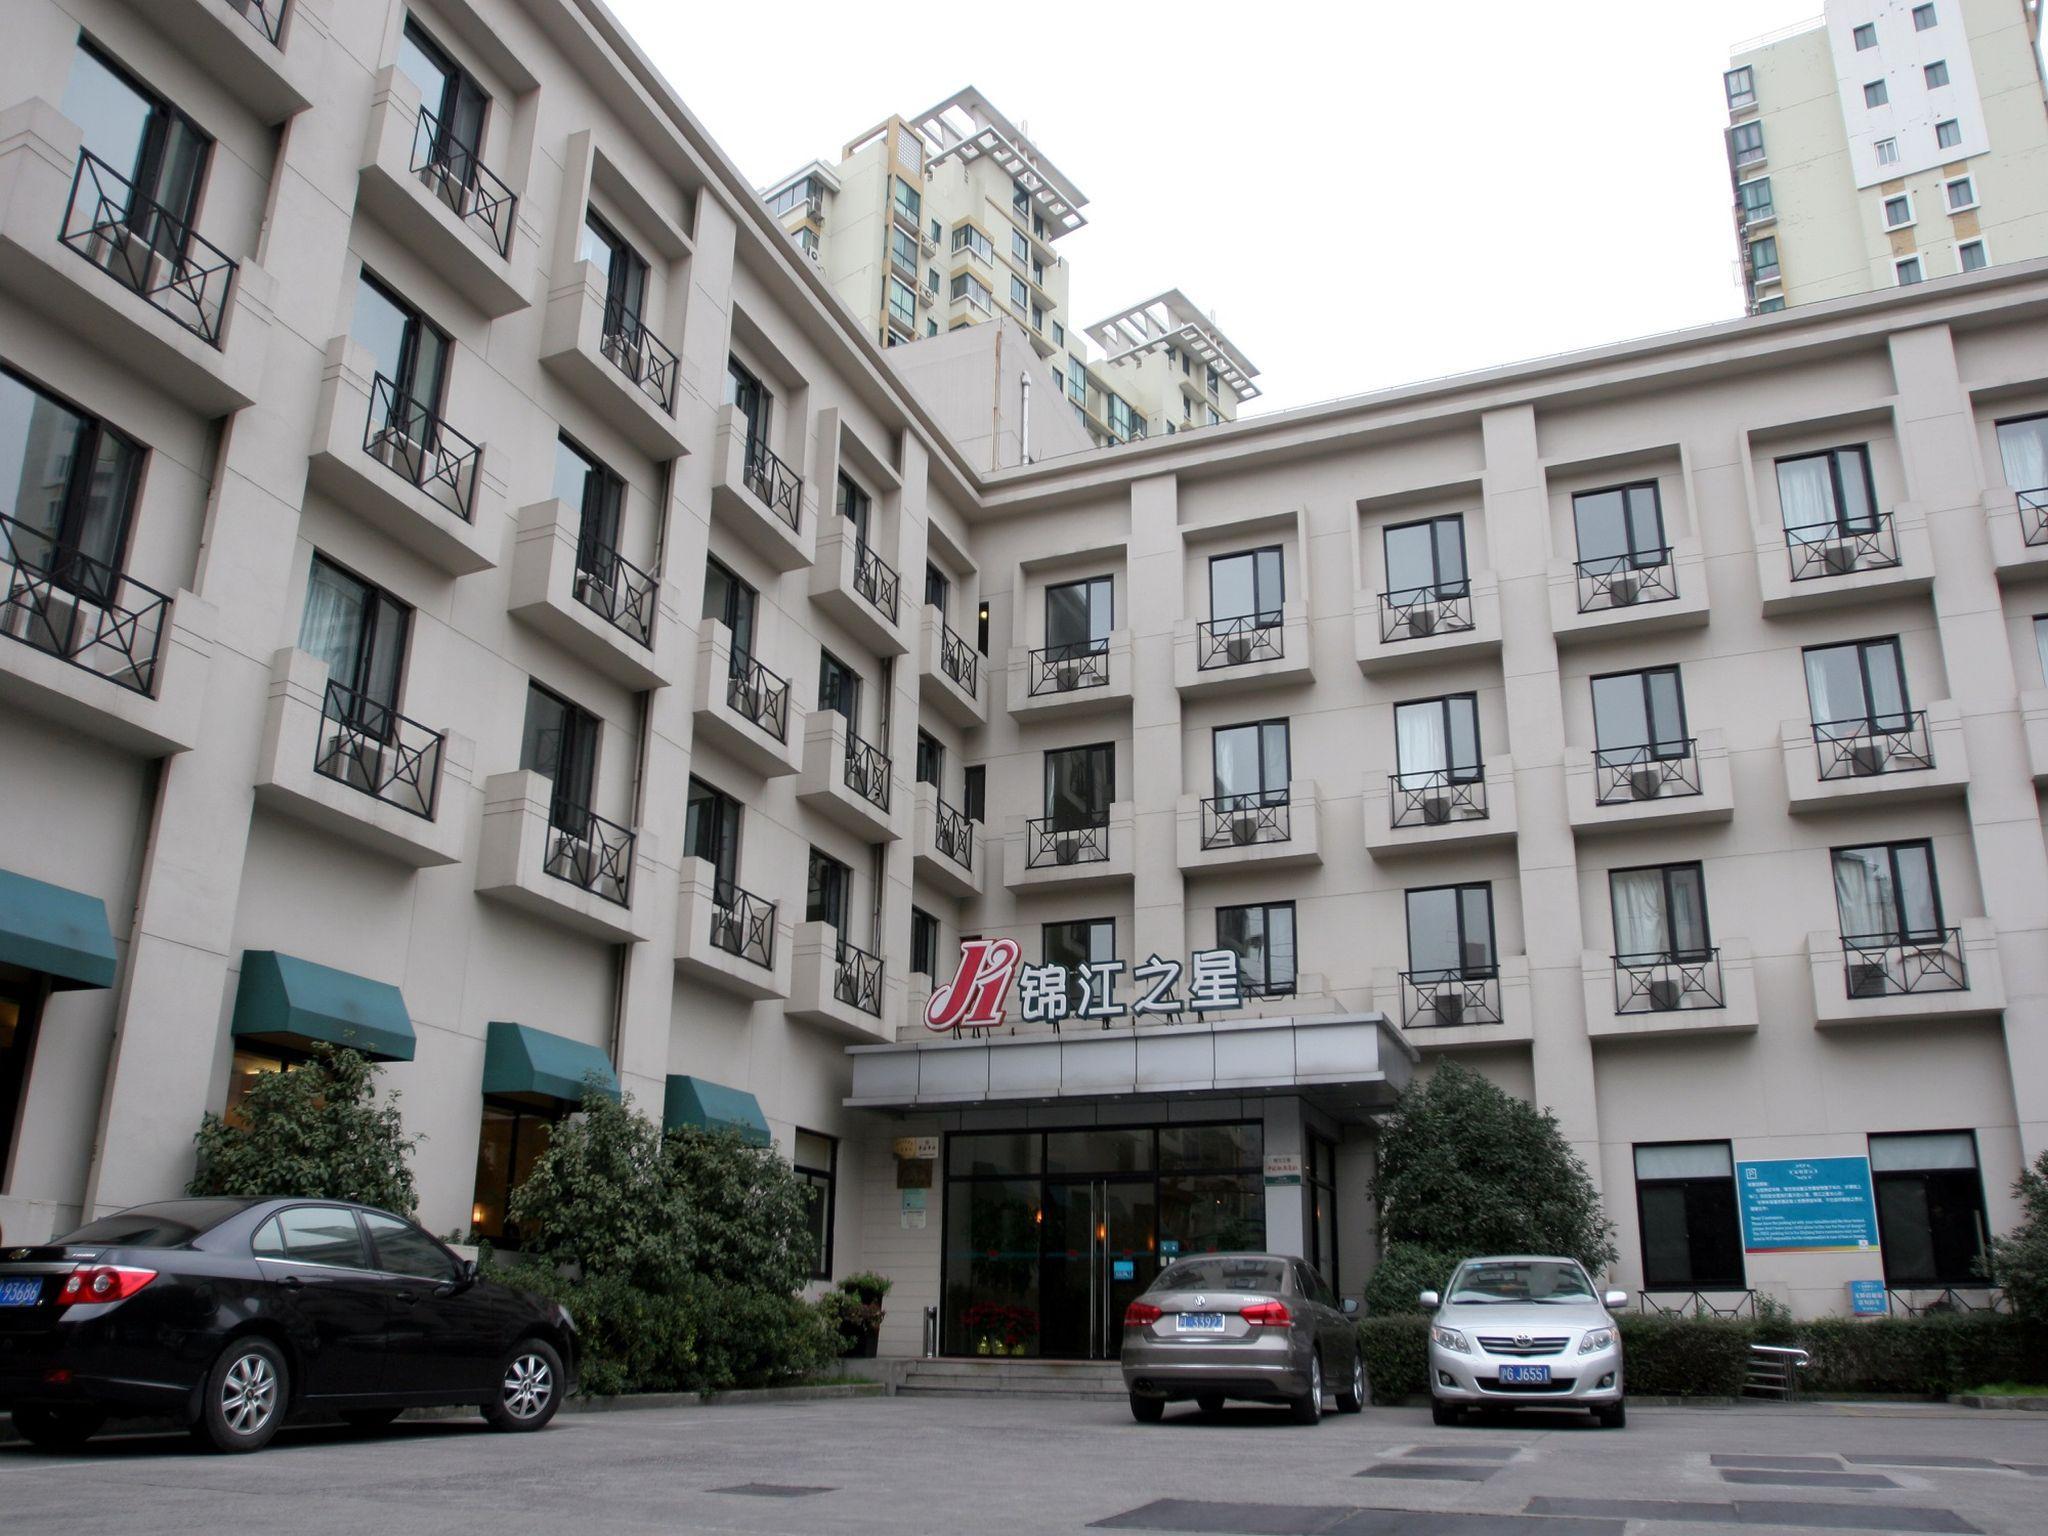 Jinjiang Inn Select Shanghai Changning Road